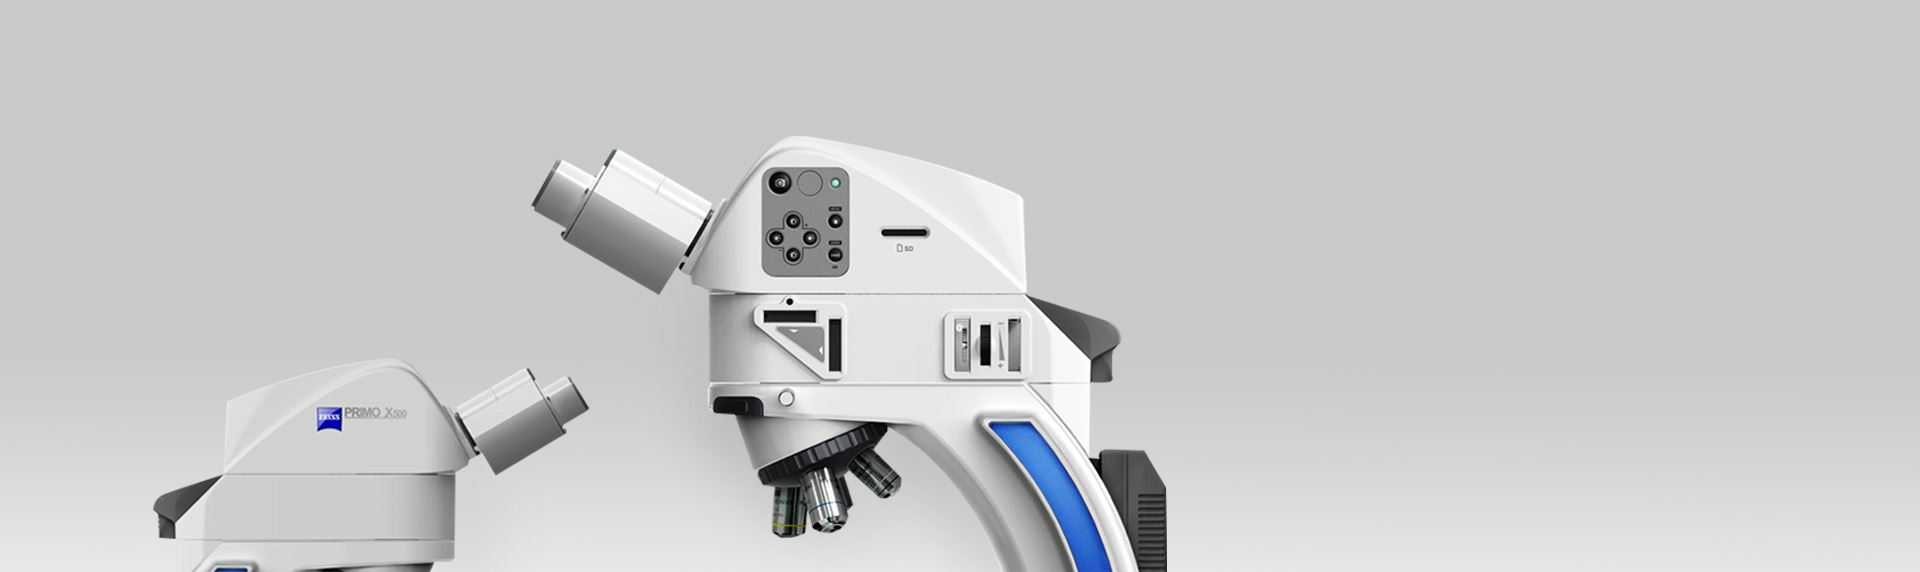 SSC设计-光学显微镜